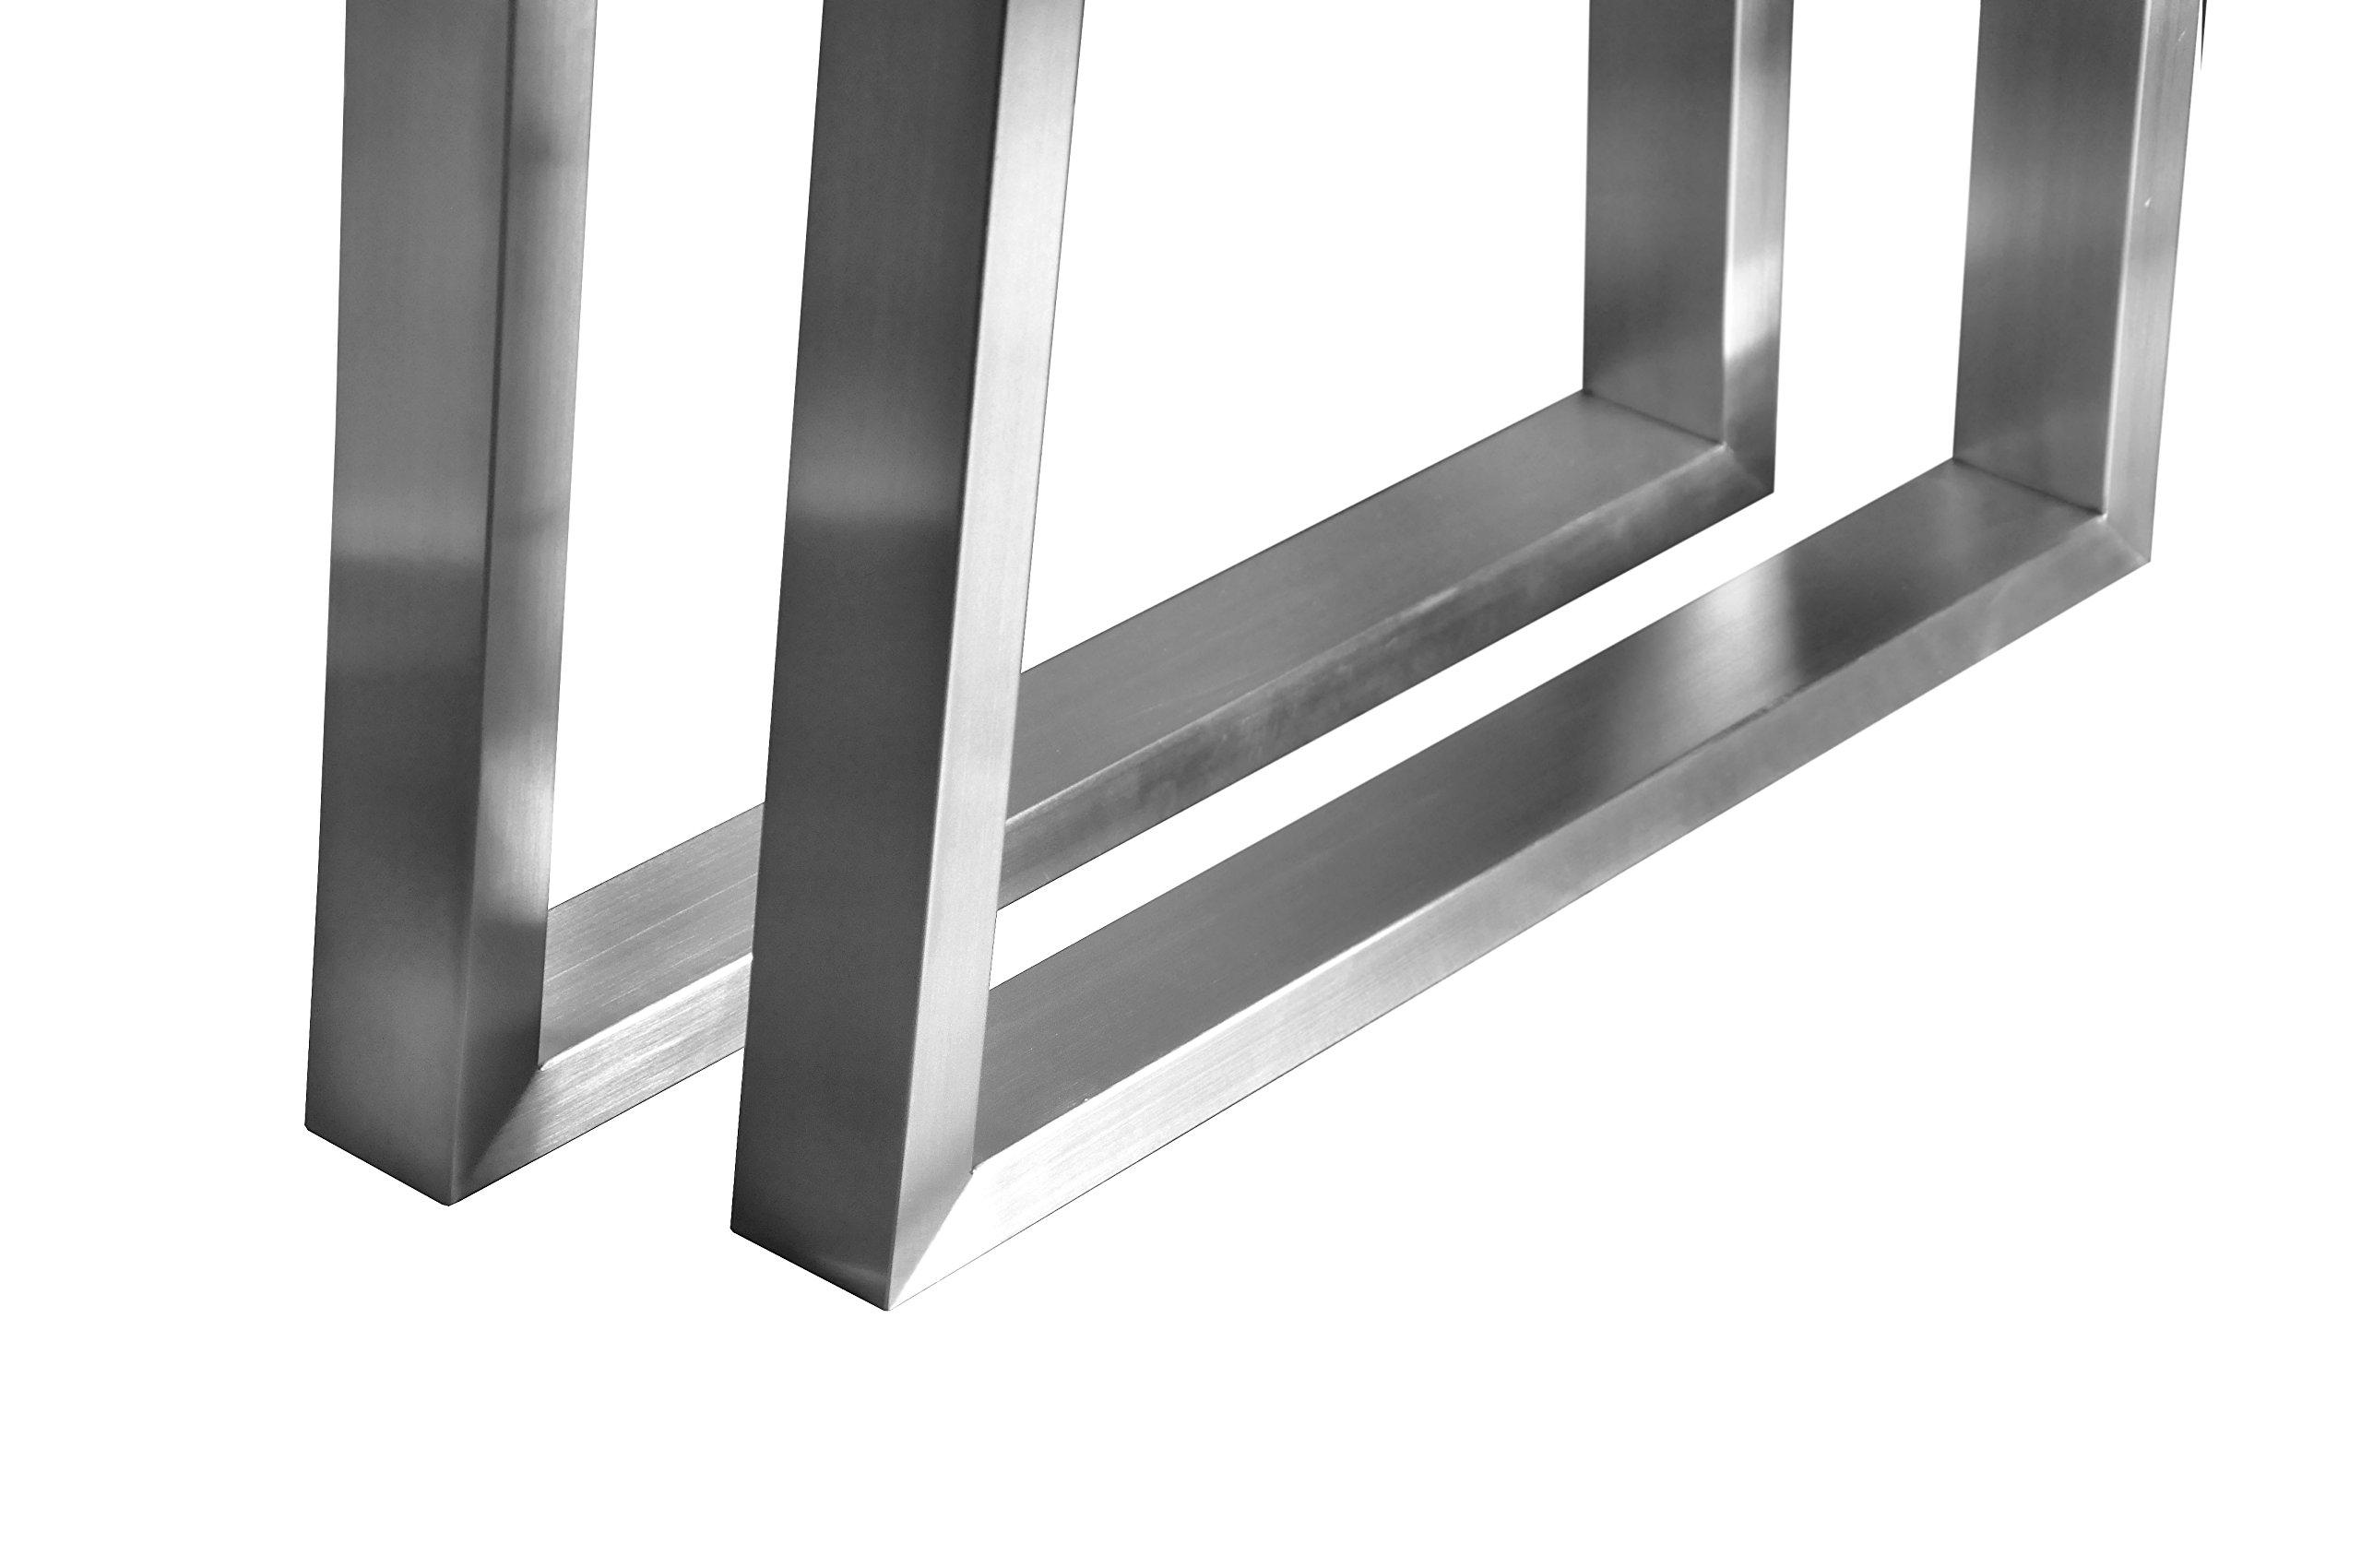 CHYRKA T-Tischgestell Edelstahl 201 60x30 Trapez Rahmentisch Kufengestell Tischkufe Tischuntergestell (720 x 500 mm - 1 Paar) 3